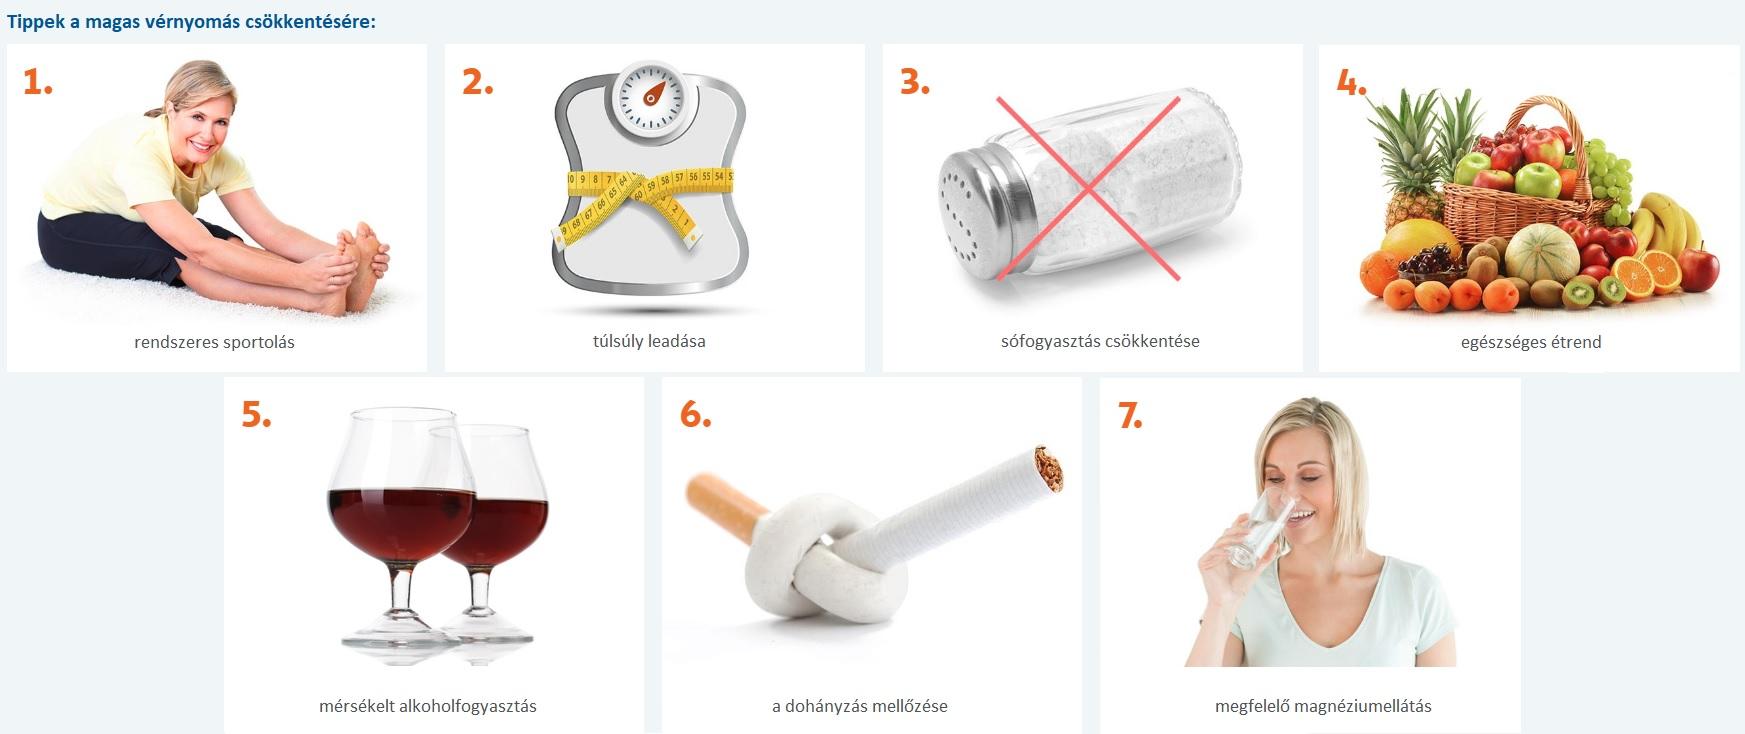 a magas vérnyomás esetén a sóbevitel mértéke